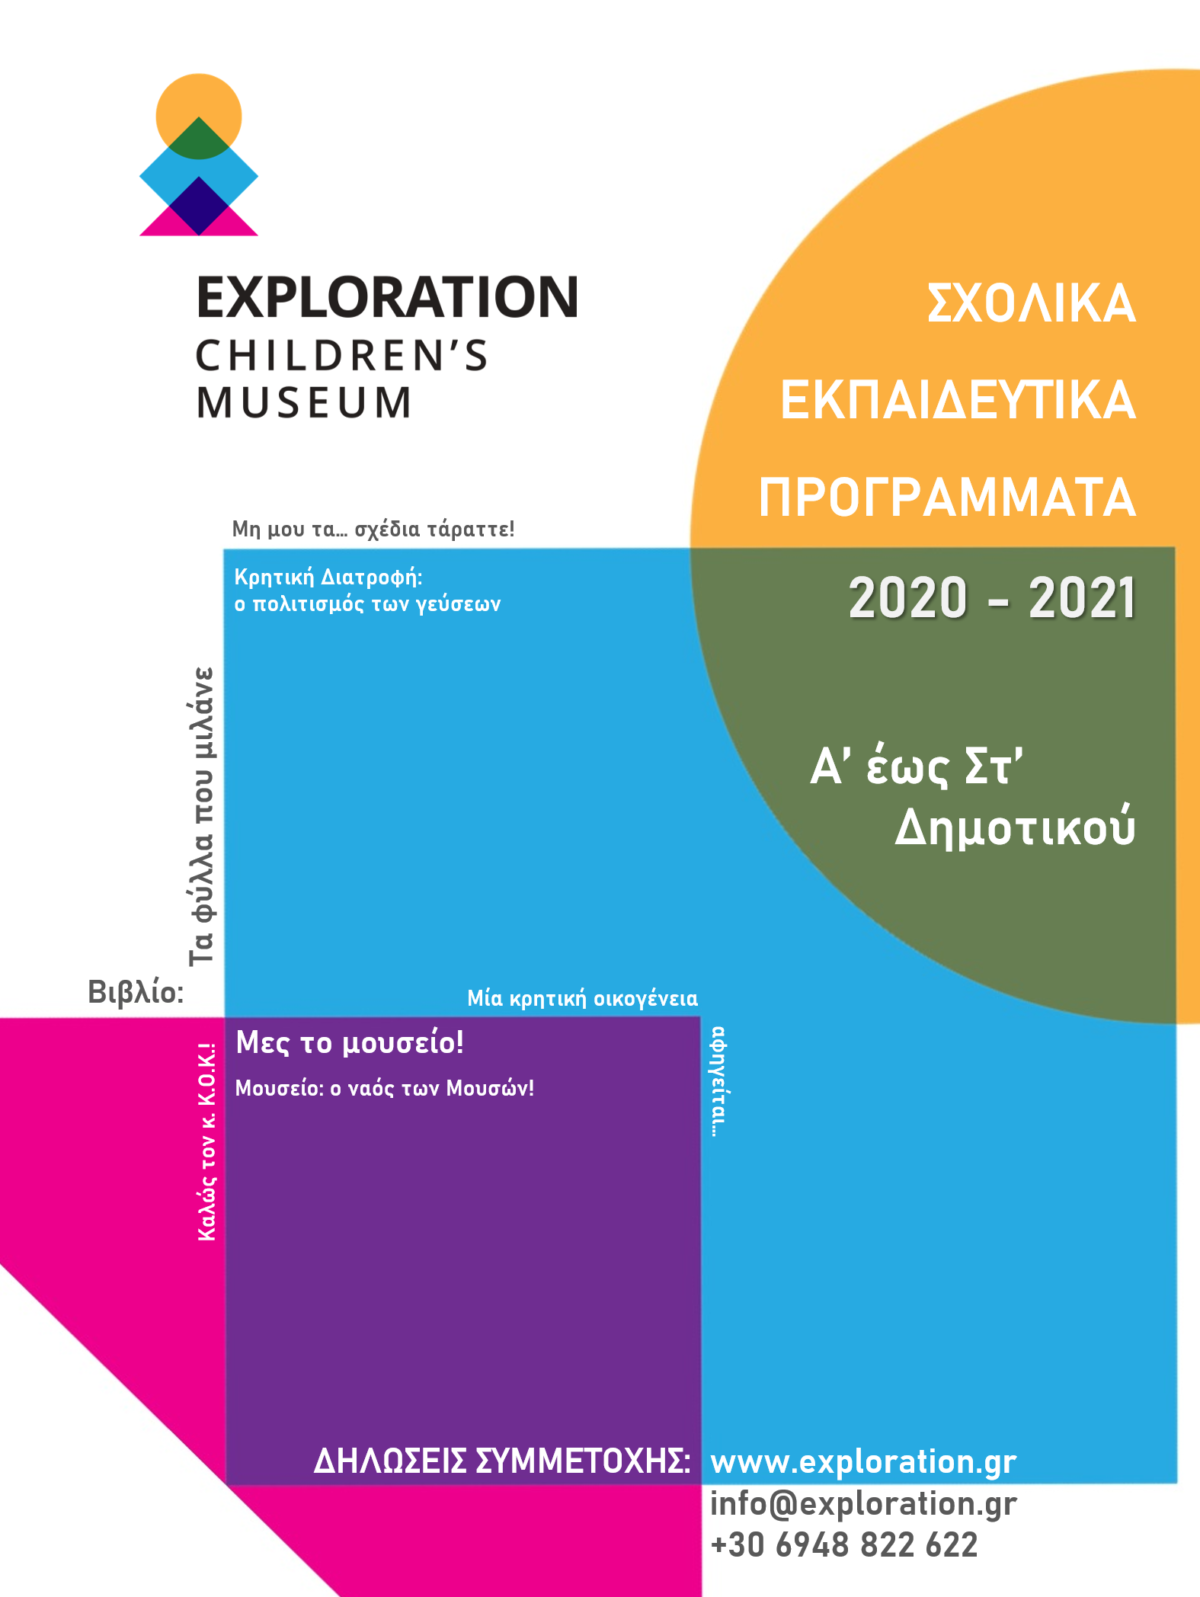 Το Παιδικό Μουσείο Exploration ταξιδεύει και φέτος στο σχολείο!